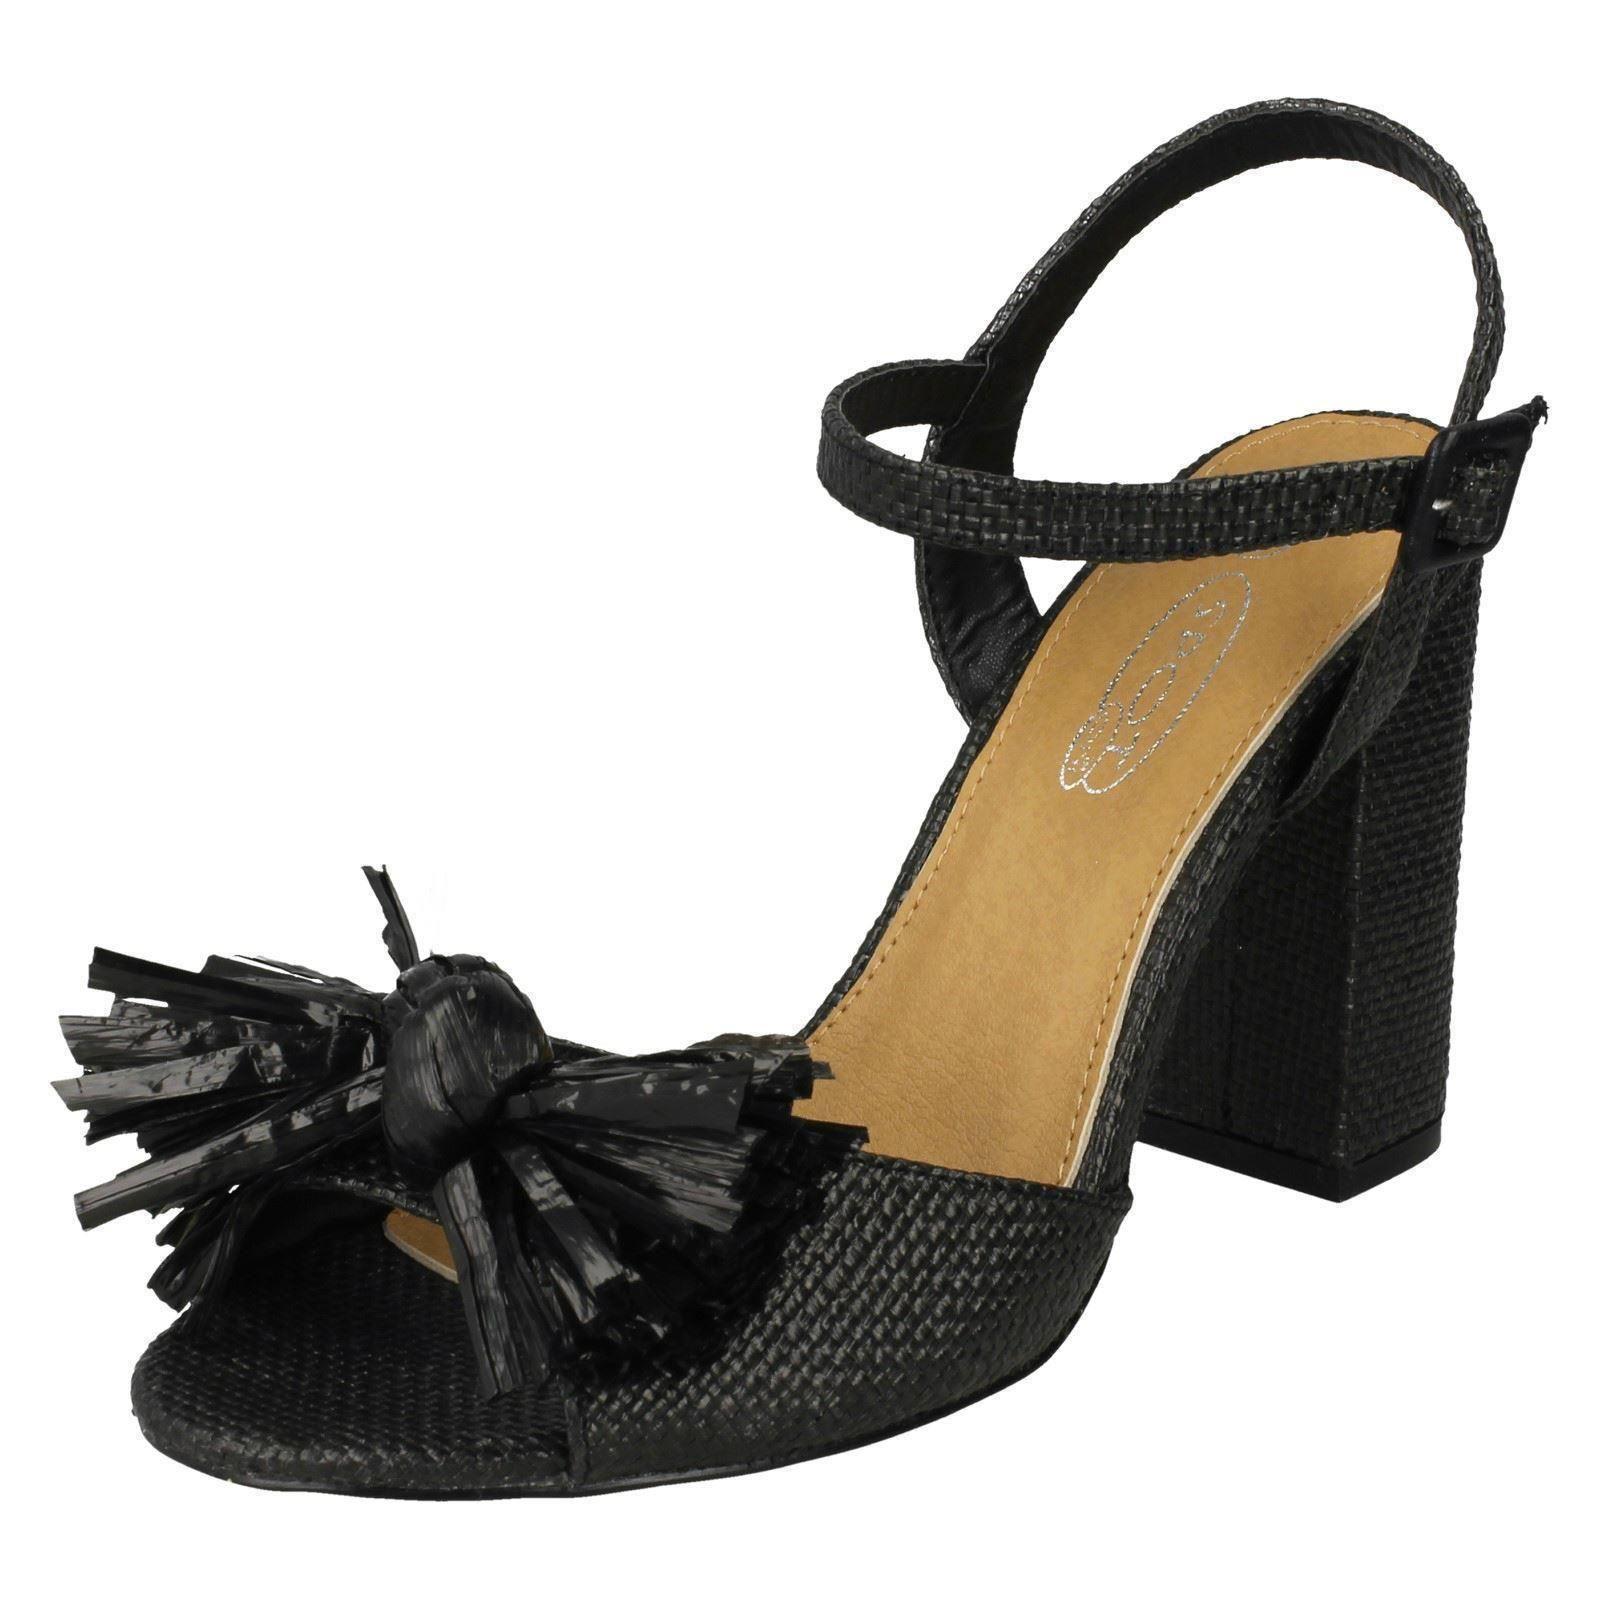 Vamp Con Tacco Donna Multicolore Estate Sandalo Alla Caviglia Misura UK 6 EU 39 USATO